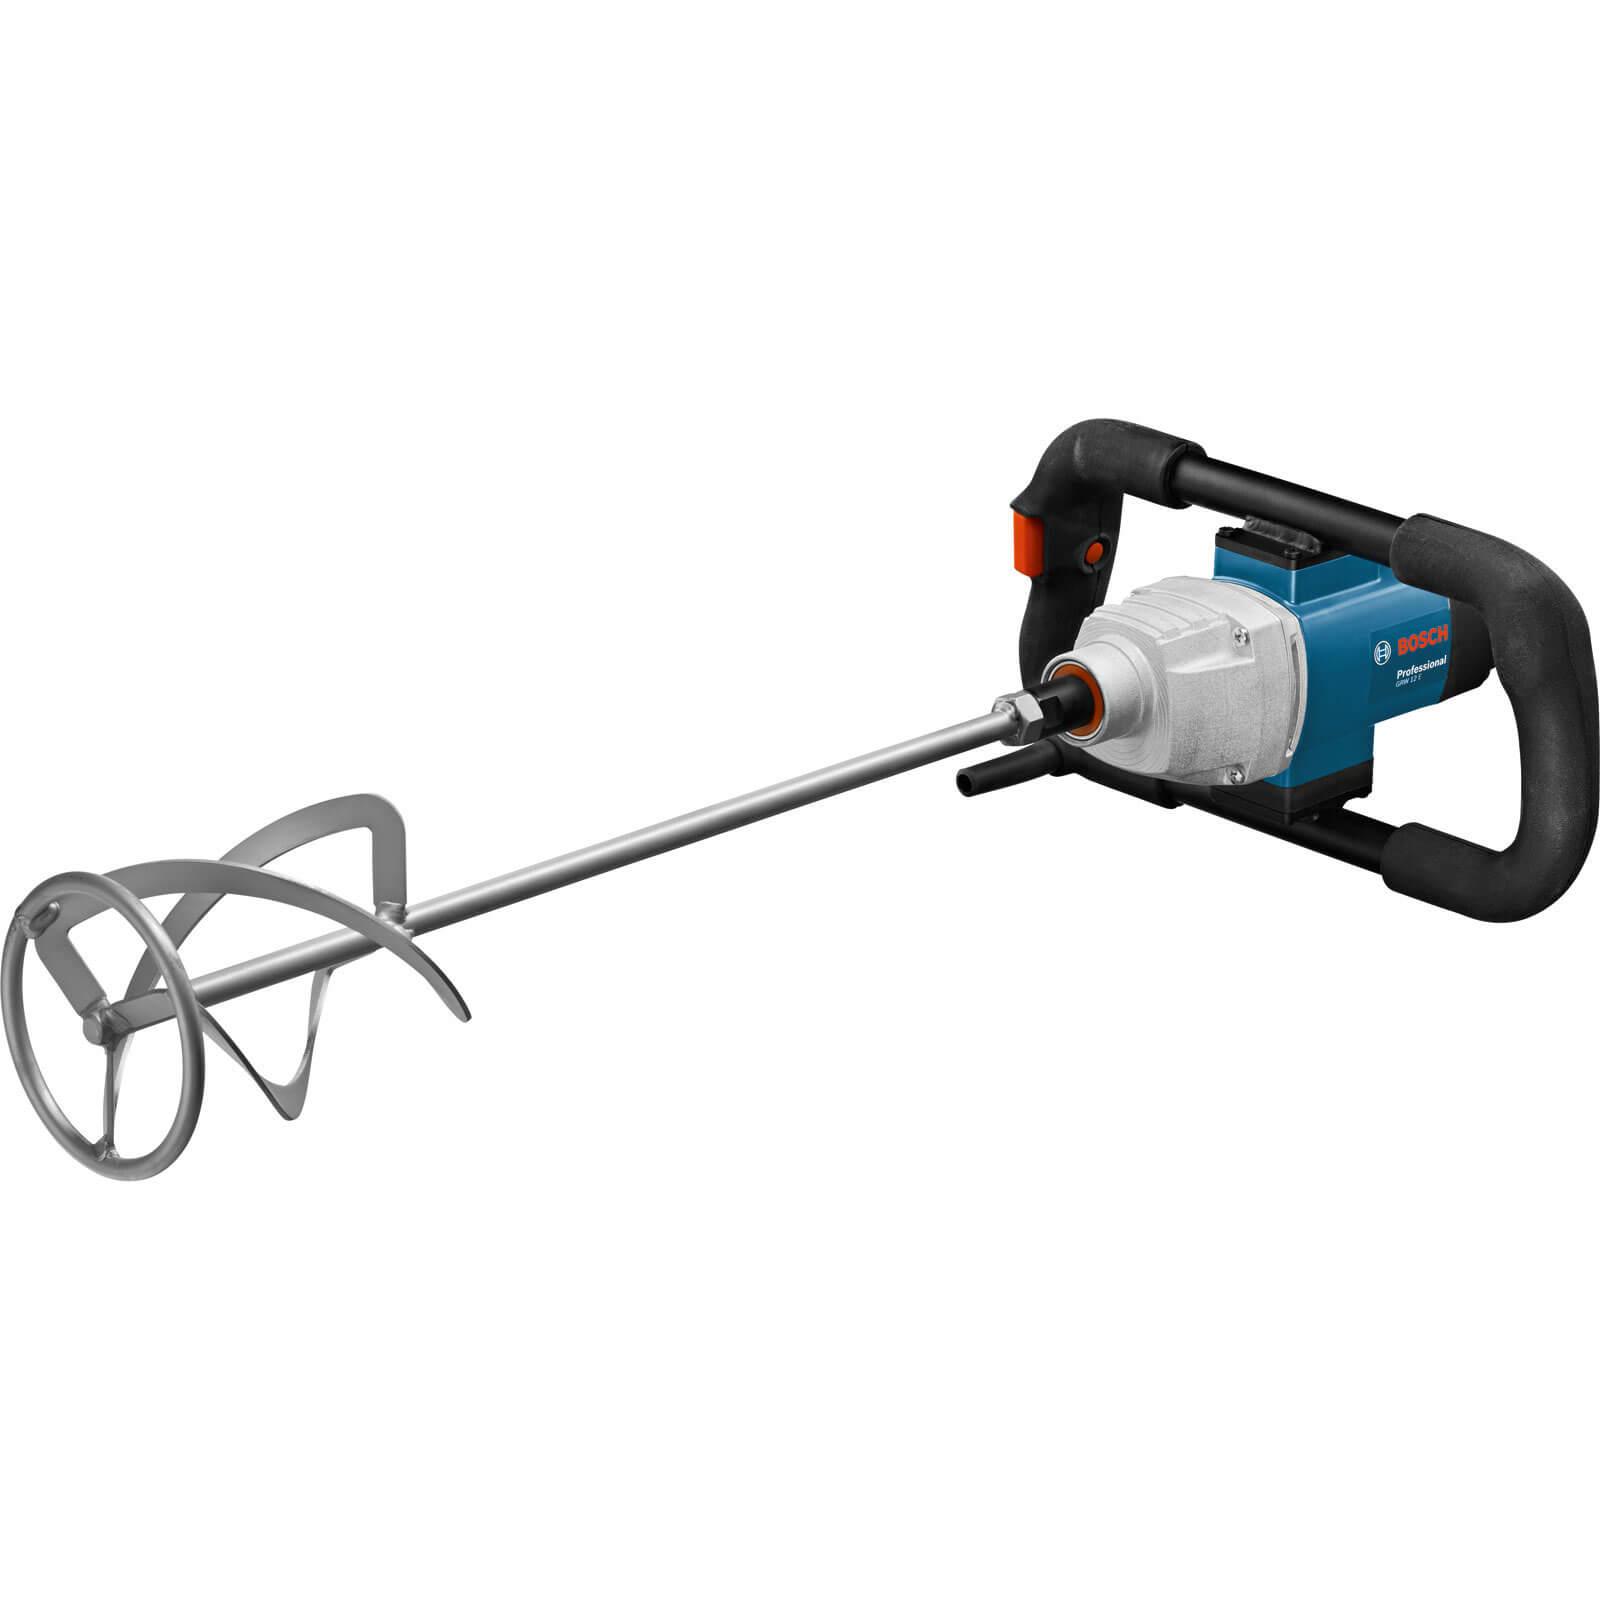 Bosch GRW 12 E Paddle Mixer Drill 1200w 240v